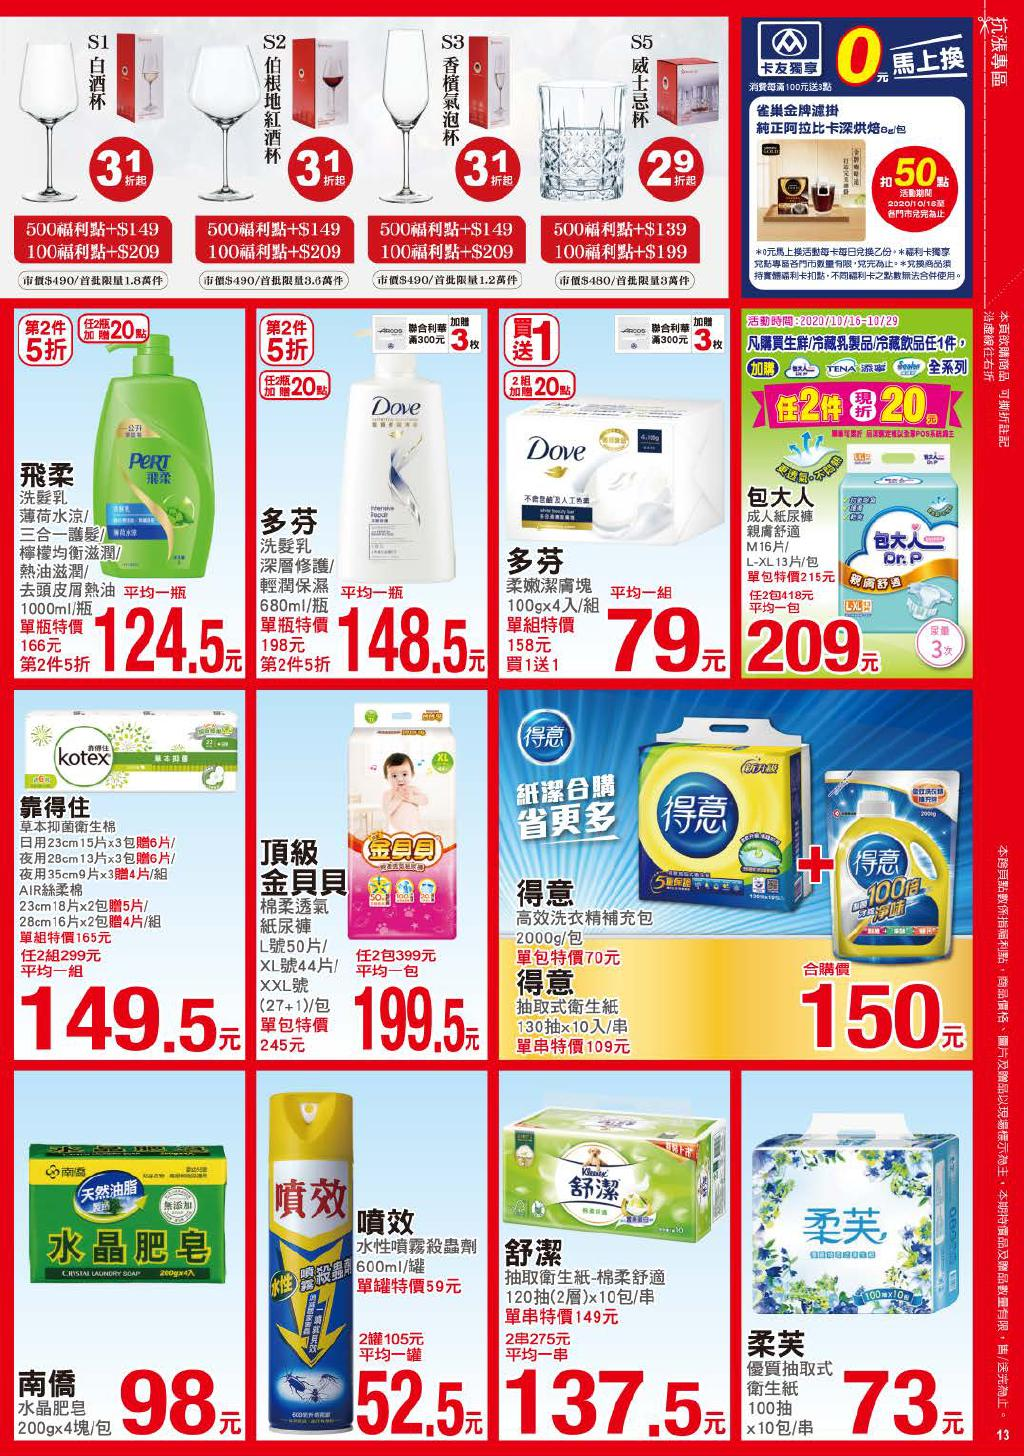 pxmart20201029_000013.jpg